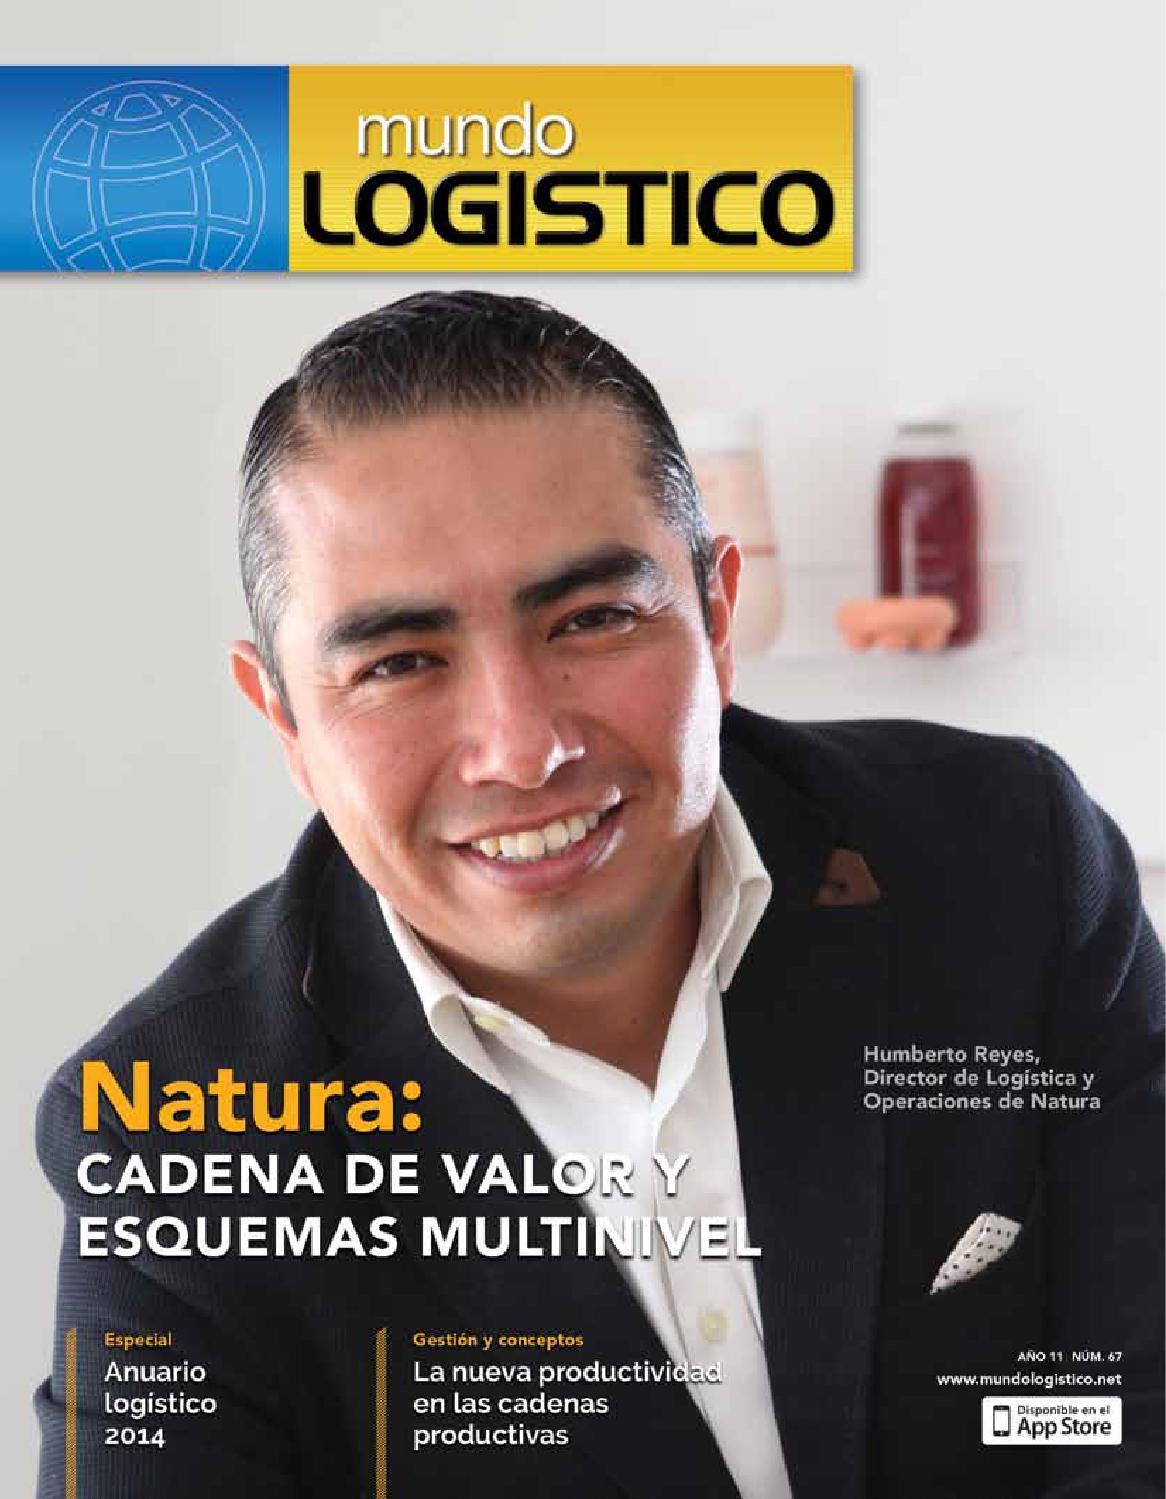 Mundo Logístico No. 67 Enero-Febrero 2015 by Mundo Logístico - issuu